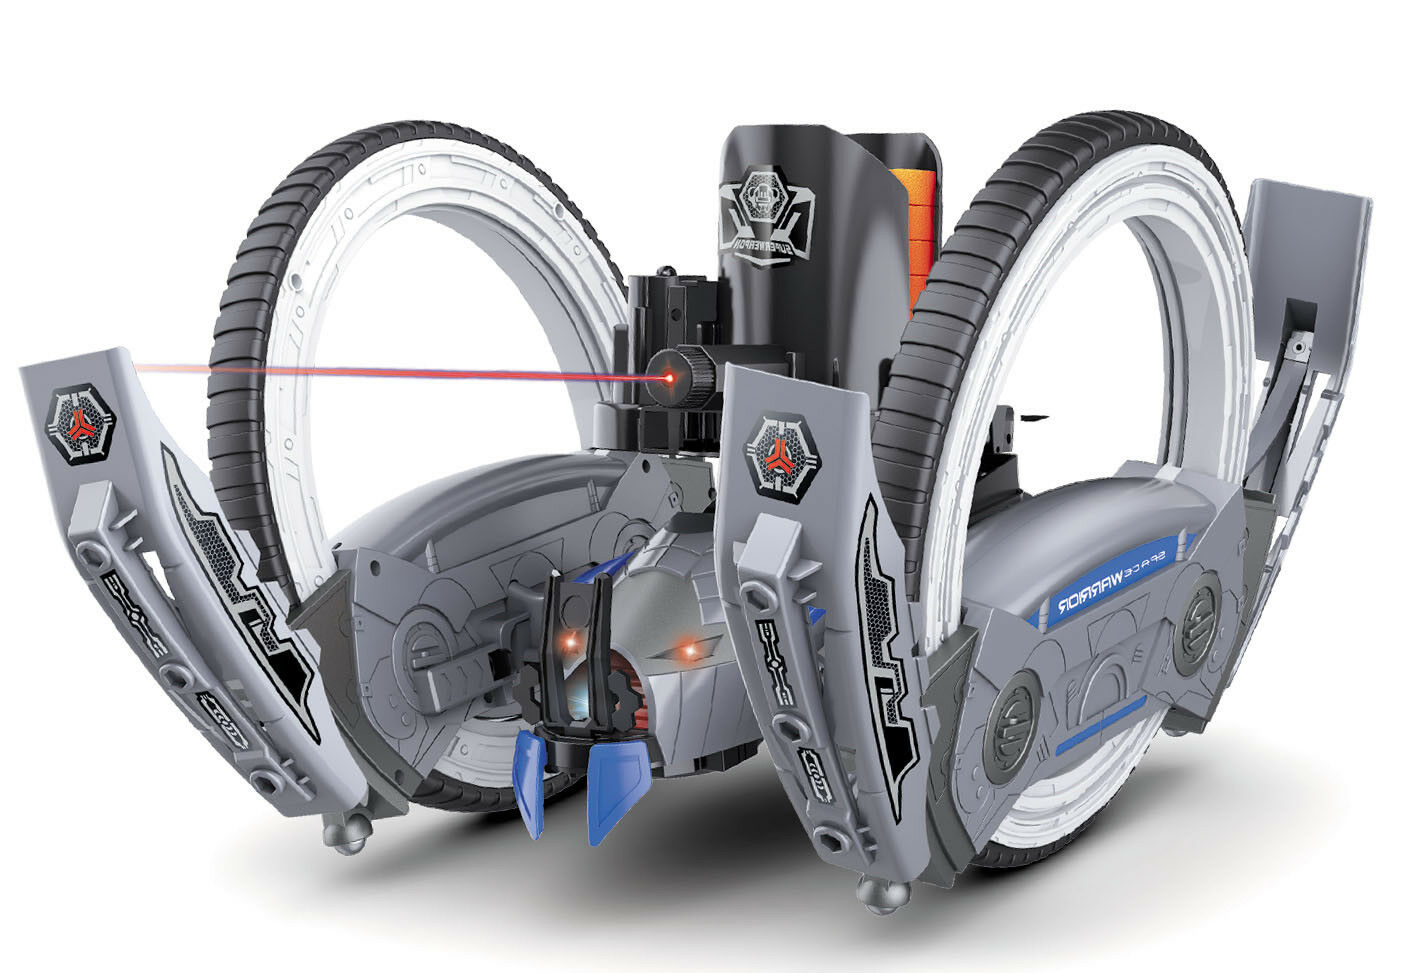 2 ruedas de gran attacknid con tirador de disco plano